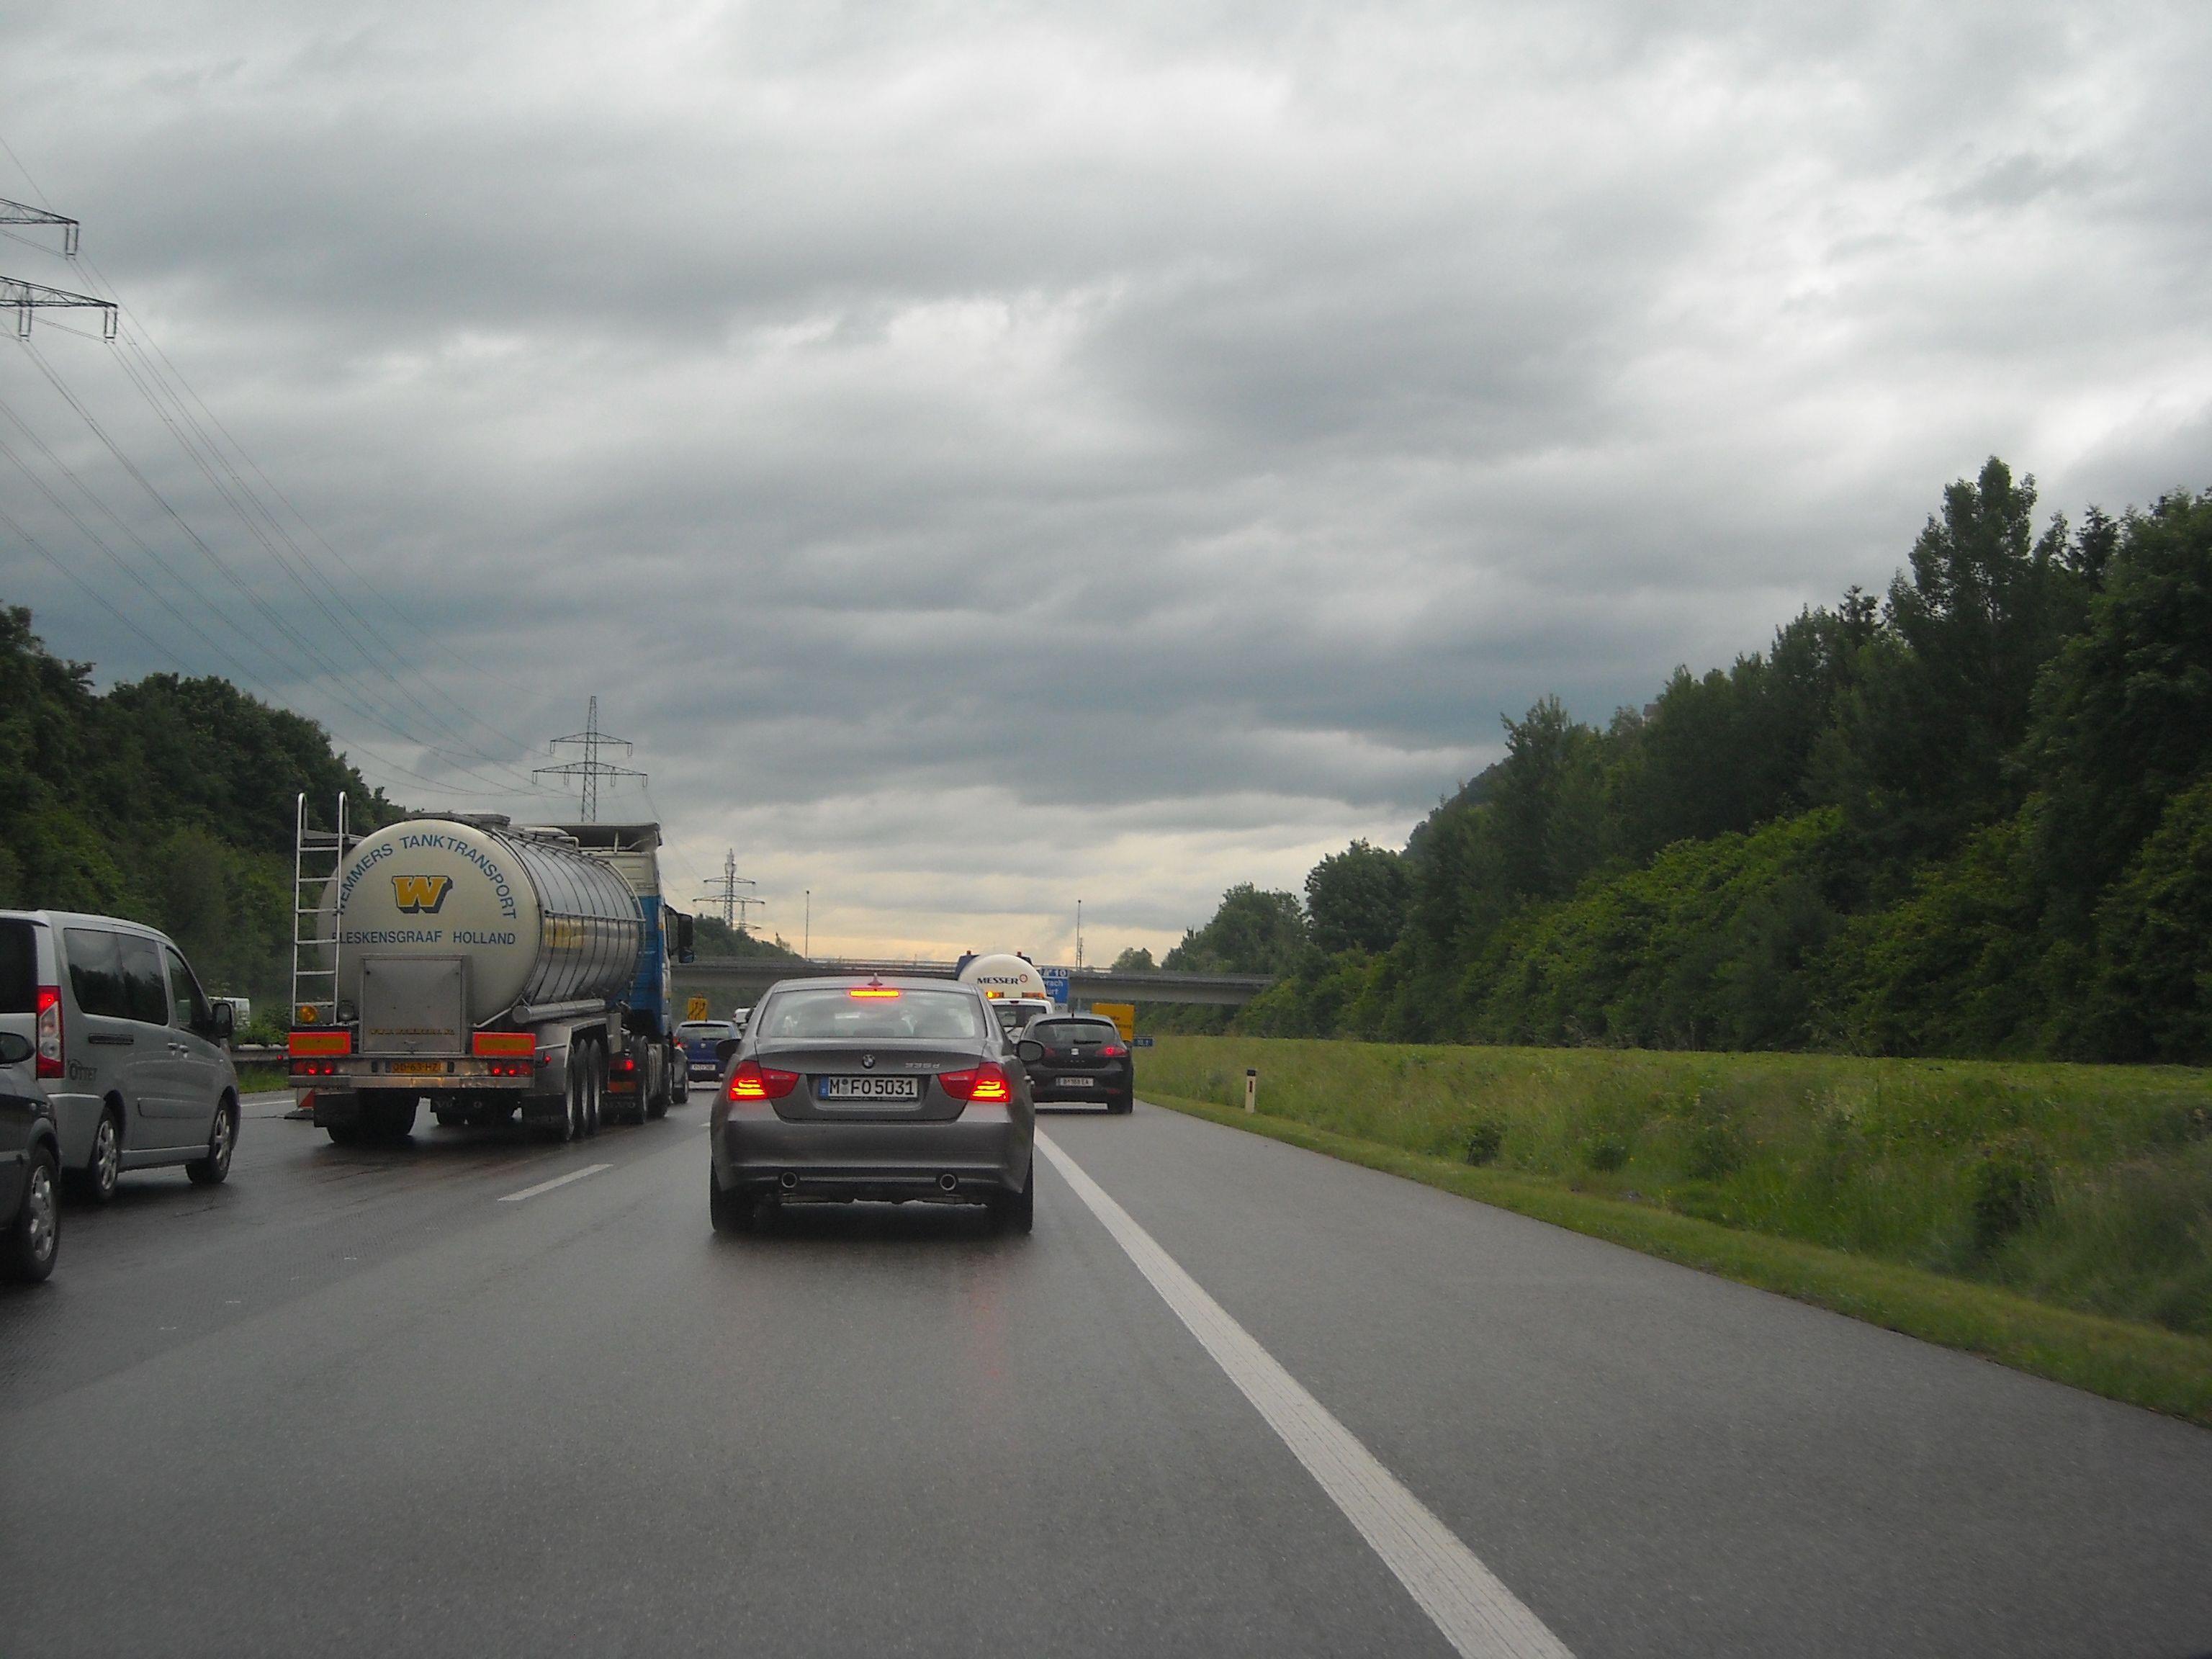 Fahrzeuge dürfen bei der Bildung einer Rettungsgasse nicht auf dem Pannestreifen fahren.